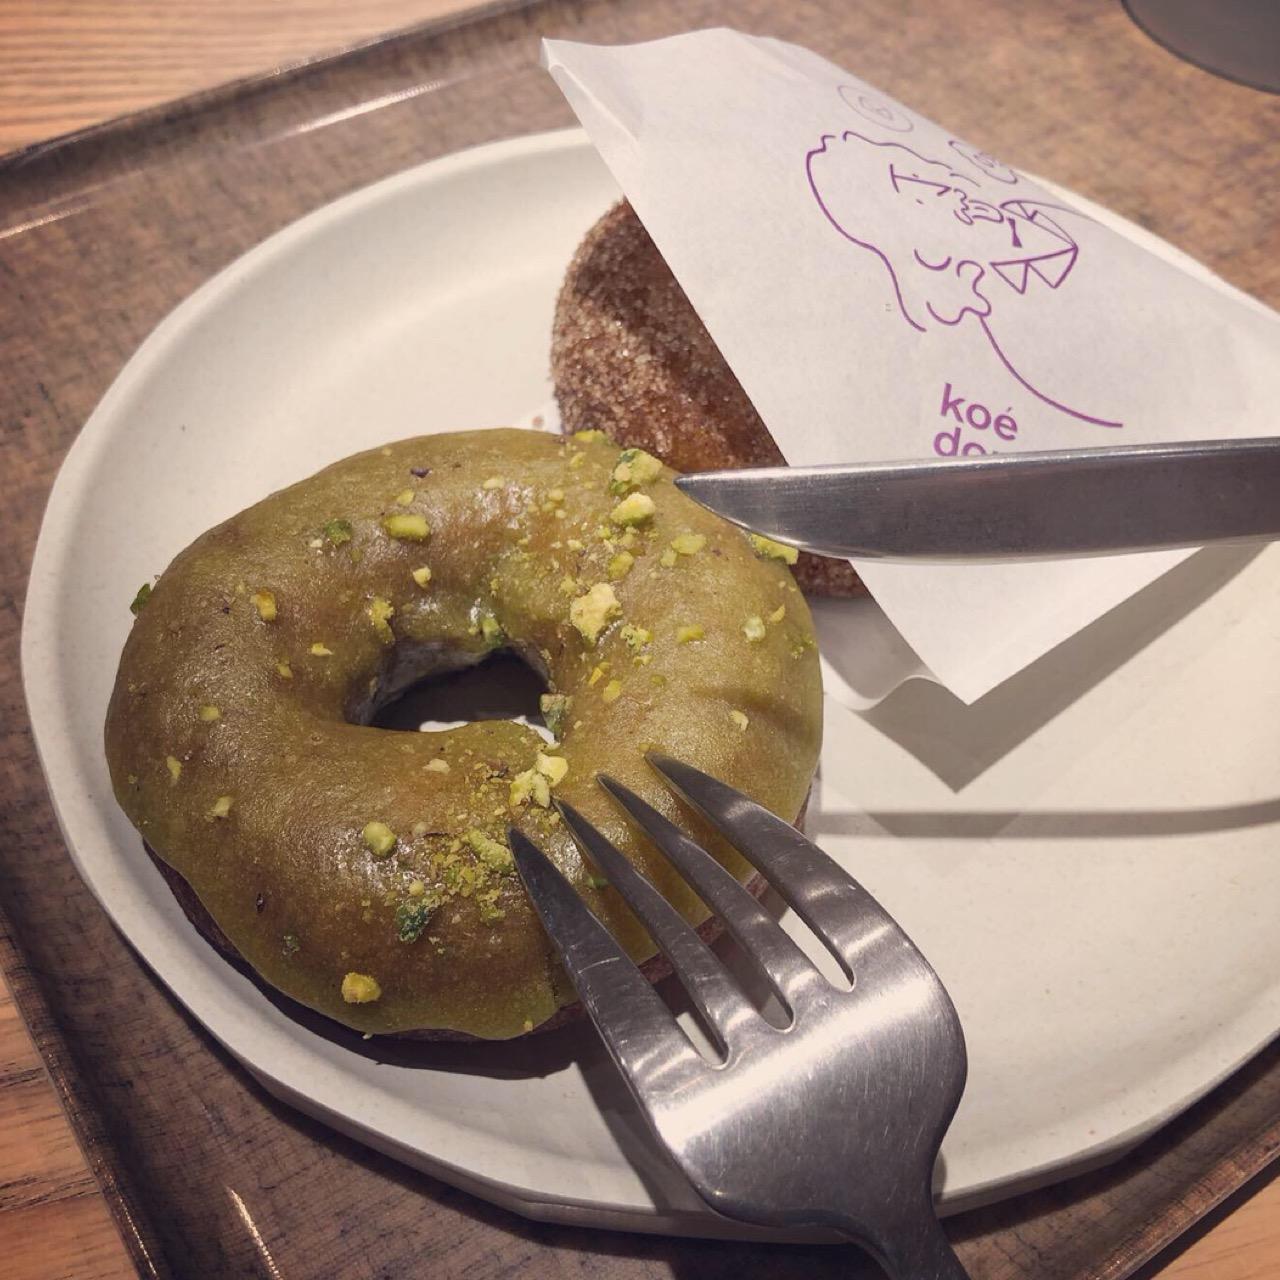 <京都*女子旅にオススメ>koé donuts kyotoのエシカルなドーナツがフォトジェニックでおいしすぎる!♡_2